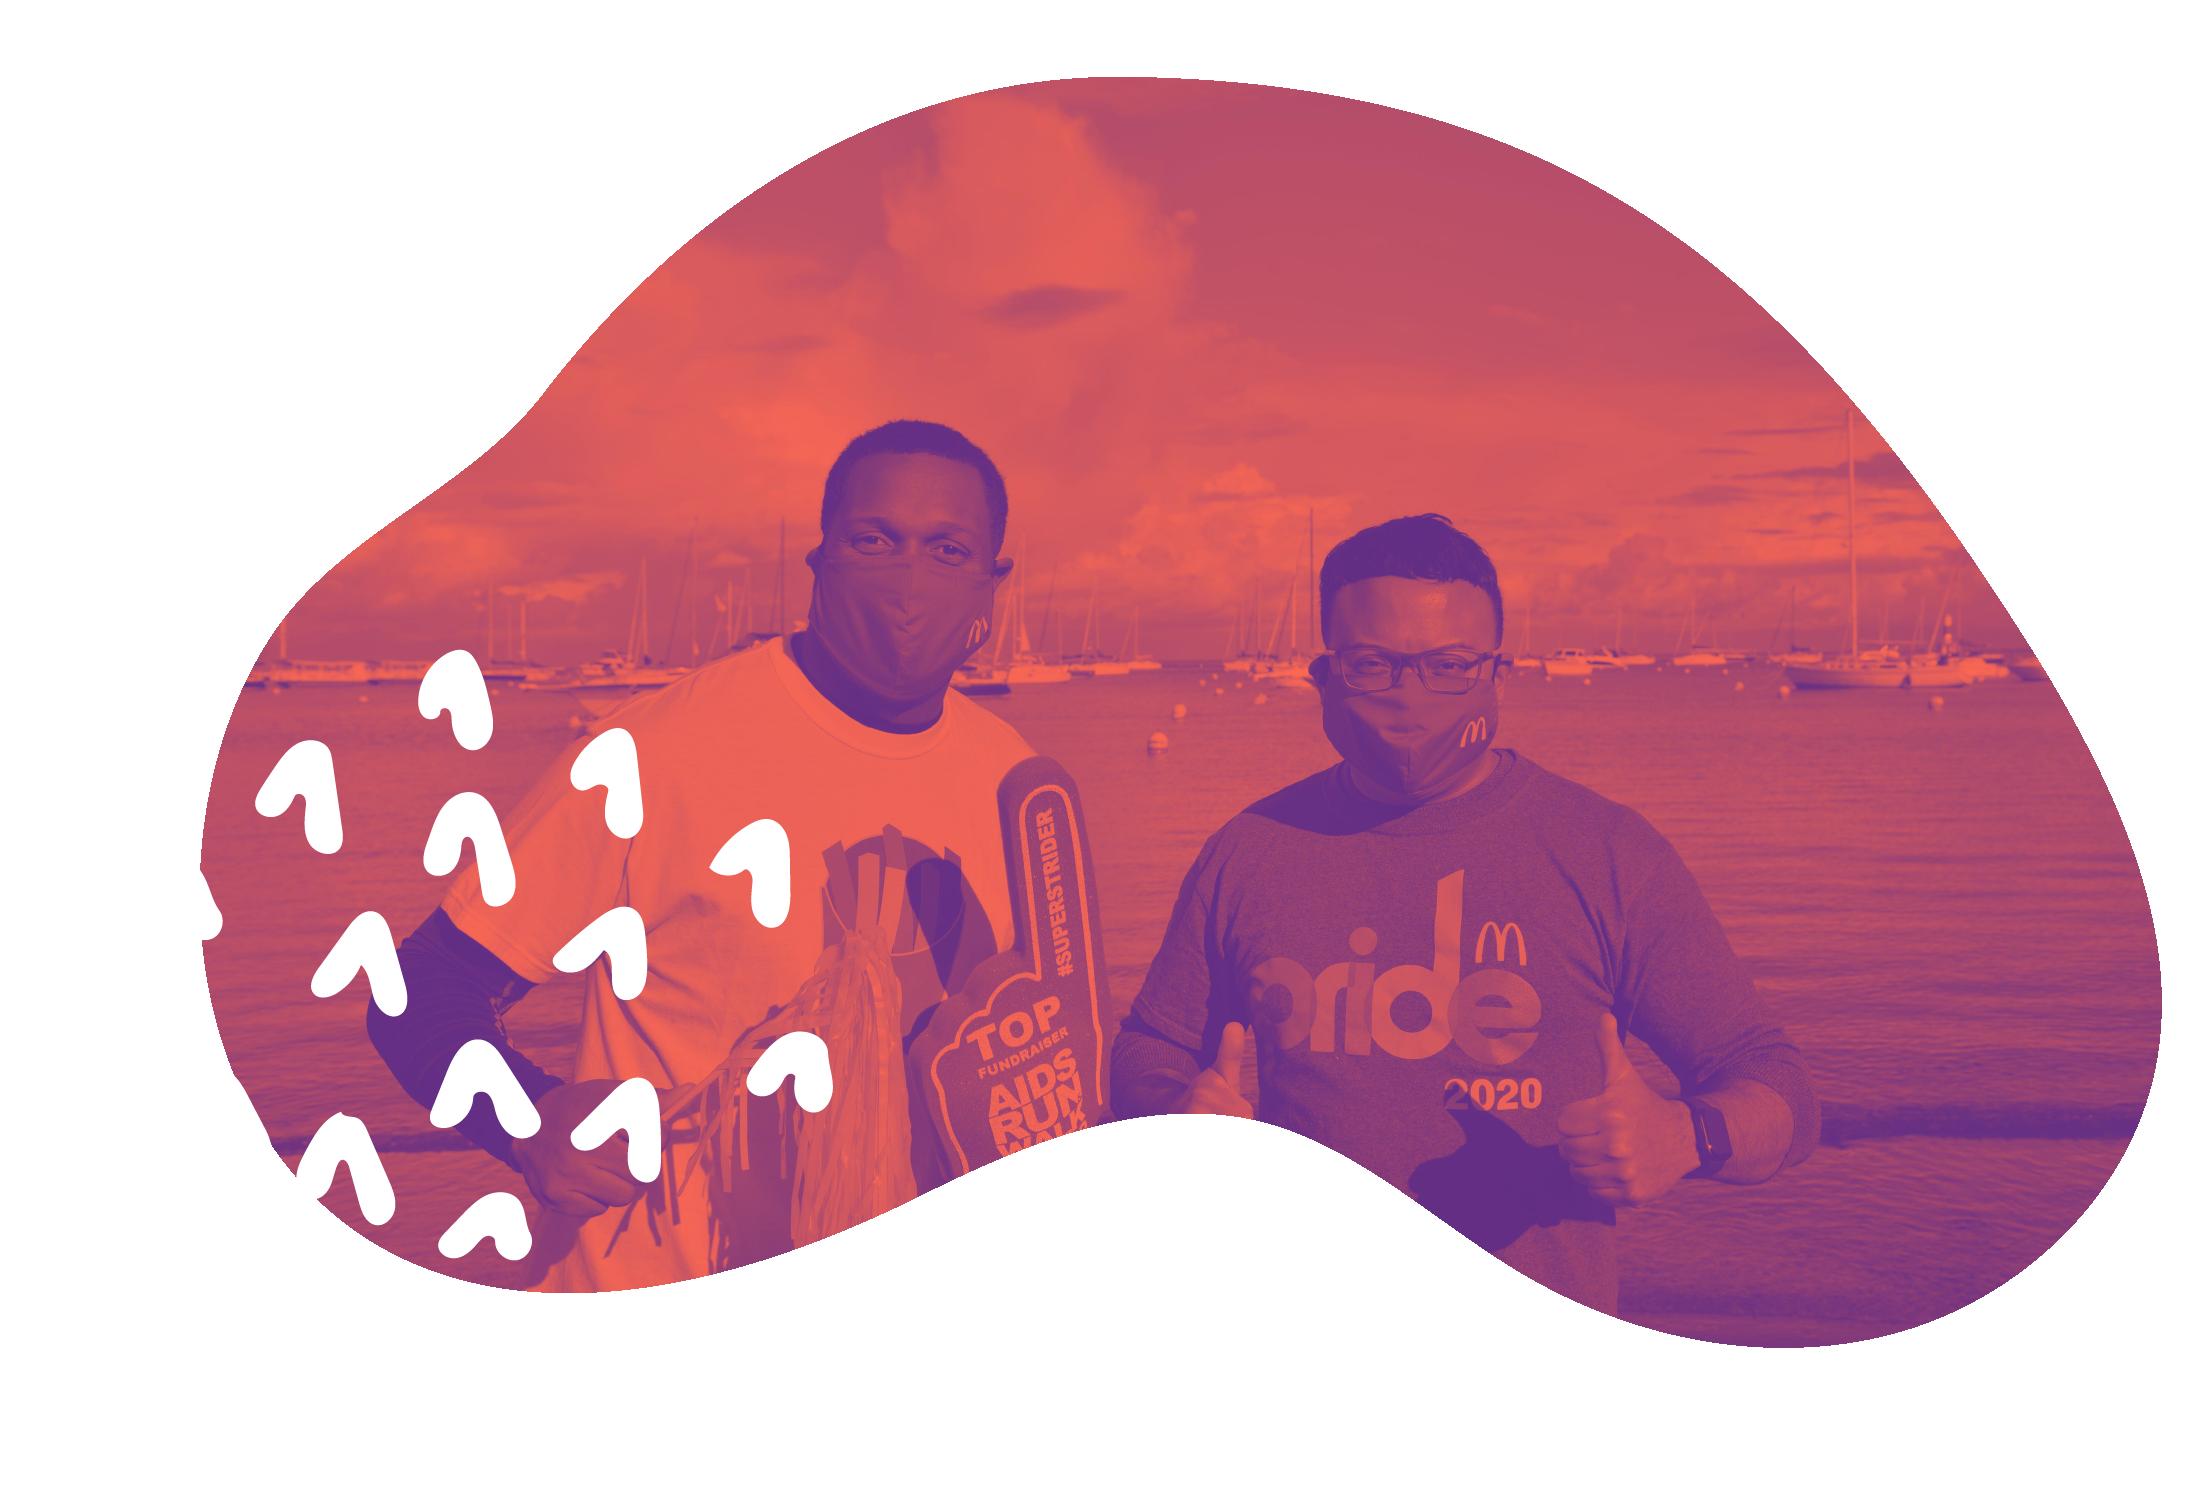 Two men wearing masks smiling at camera